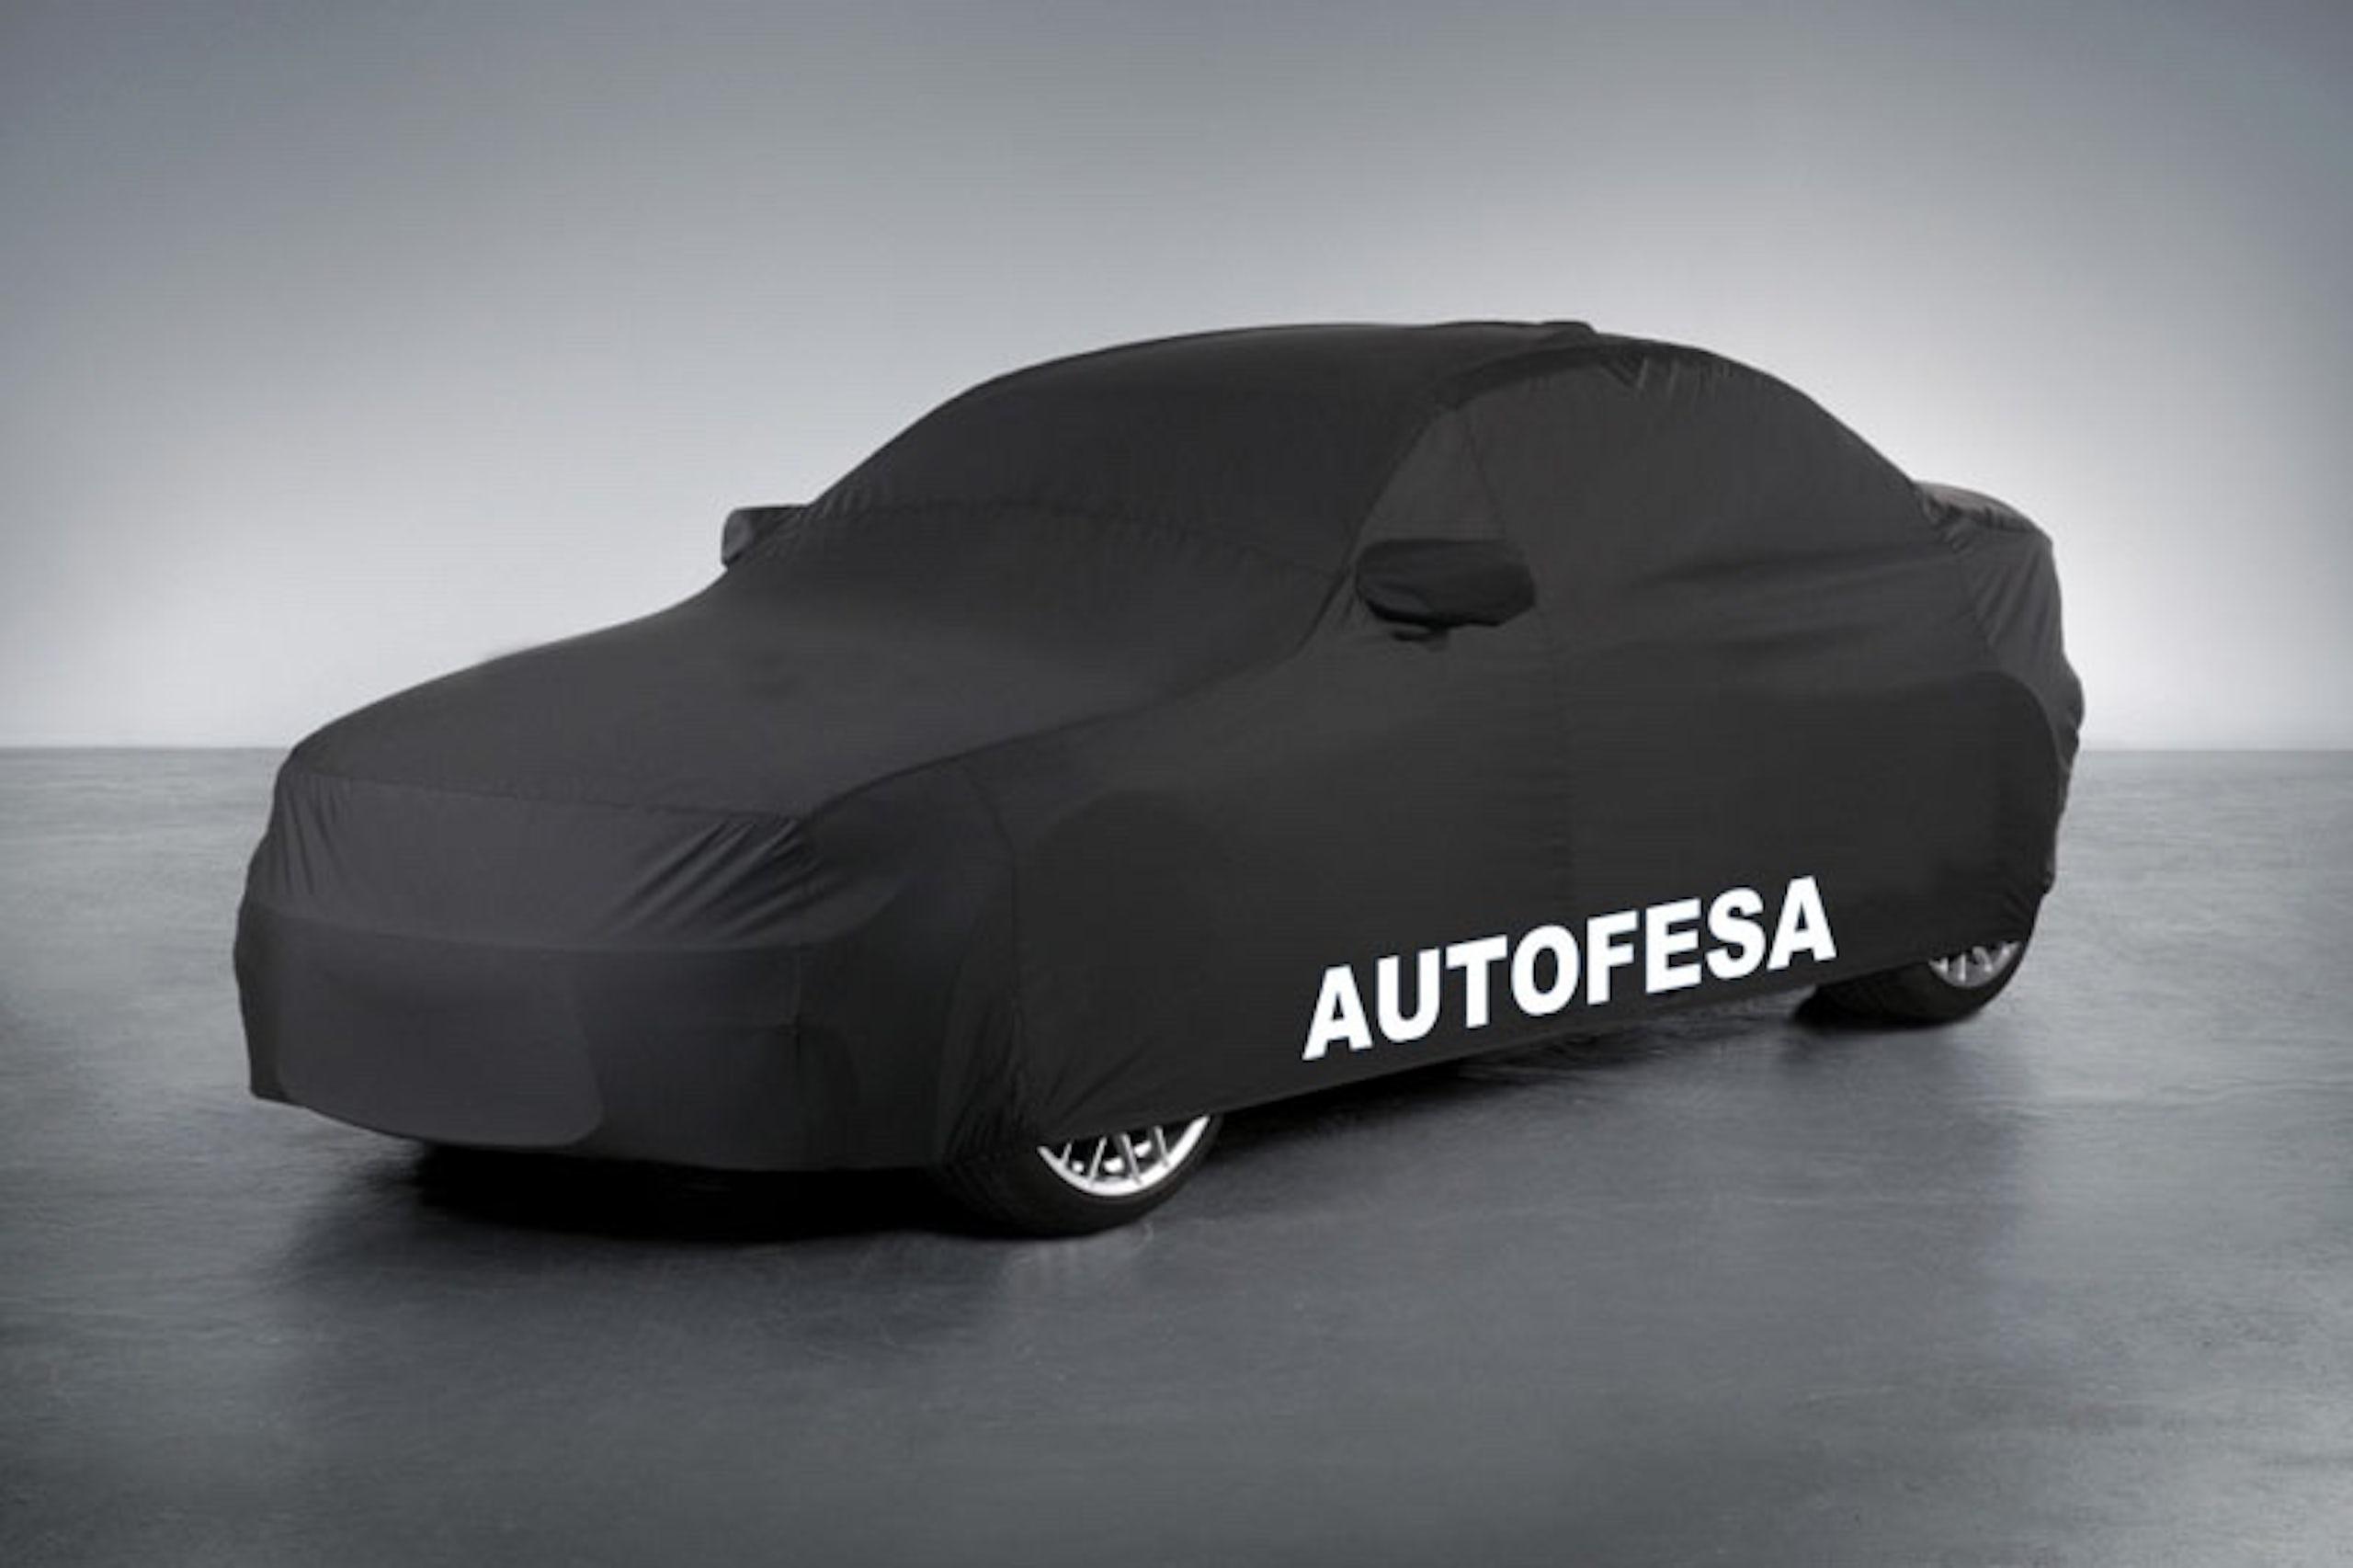 Audi A6 3.0 TDI AVANT 272cv quattro 4p S tronic Auto S/S - Foto 38